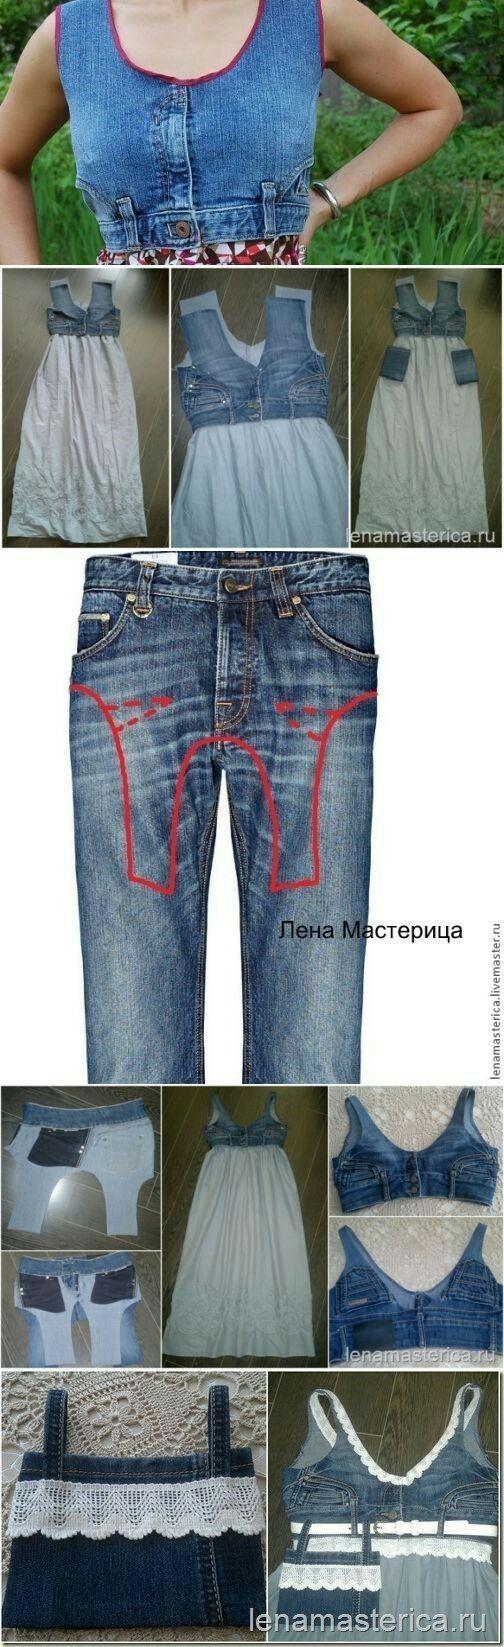 20件最佳旧牛仔裤DIY回收旧牛仔裤